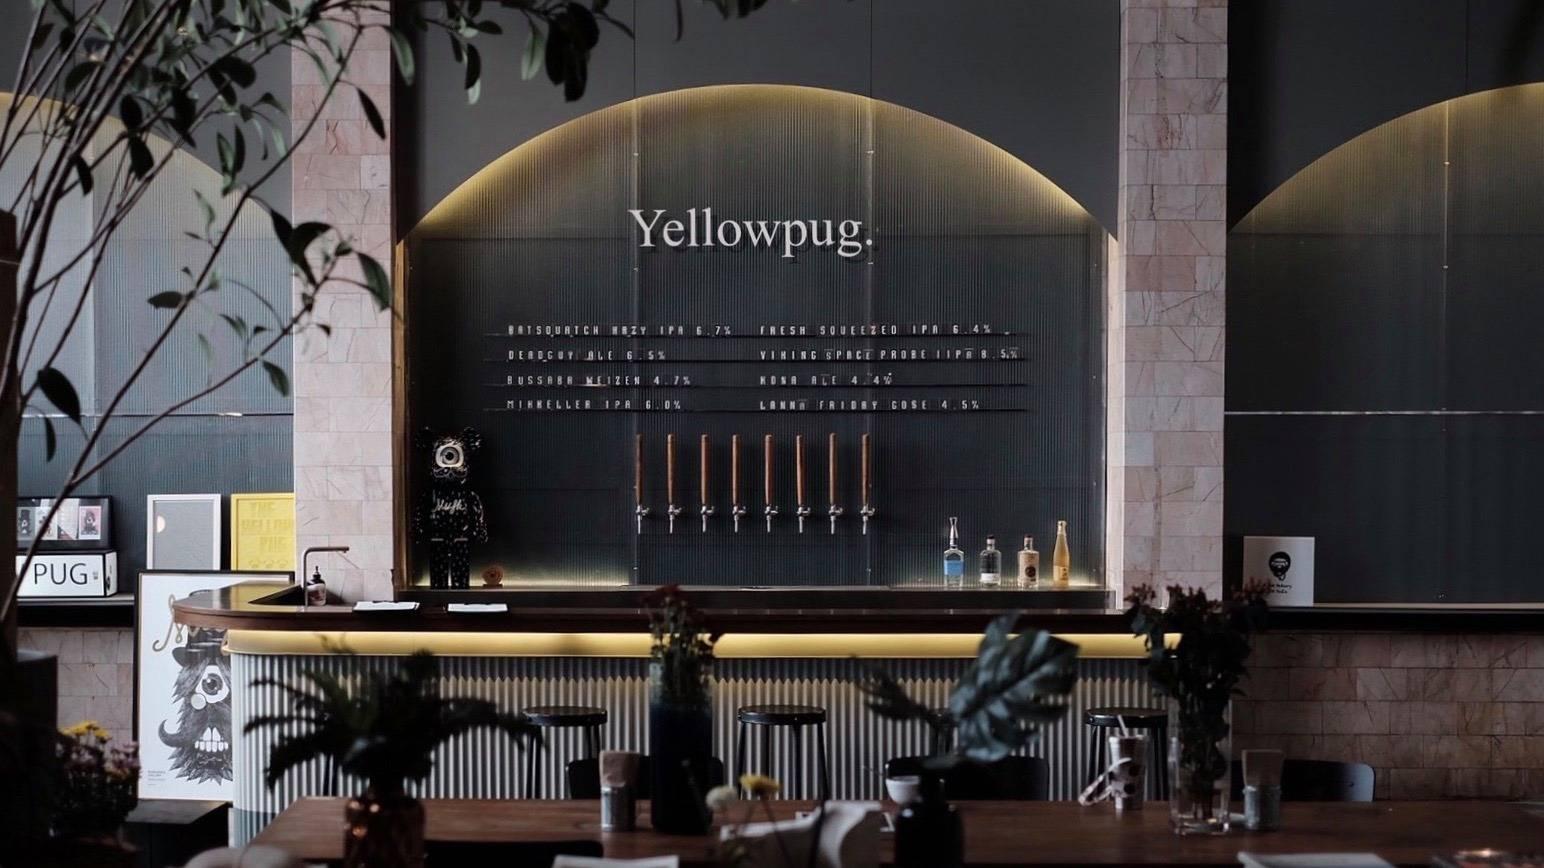 Yellowpug